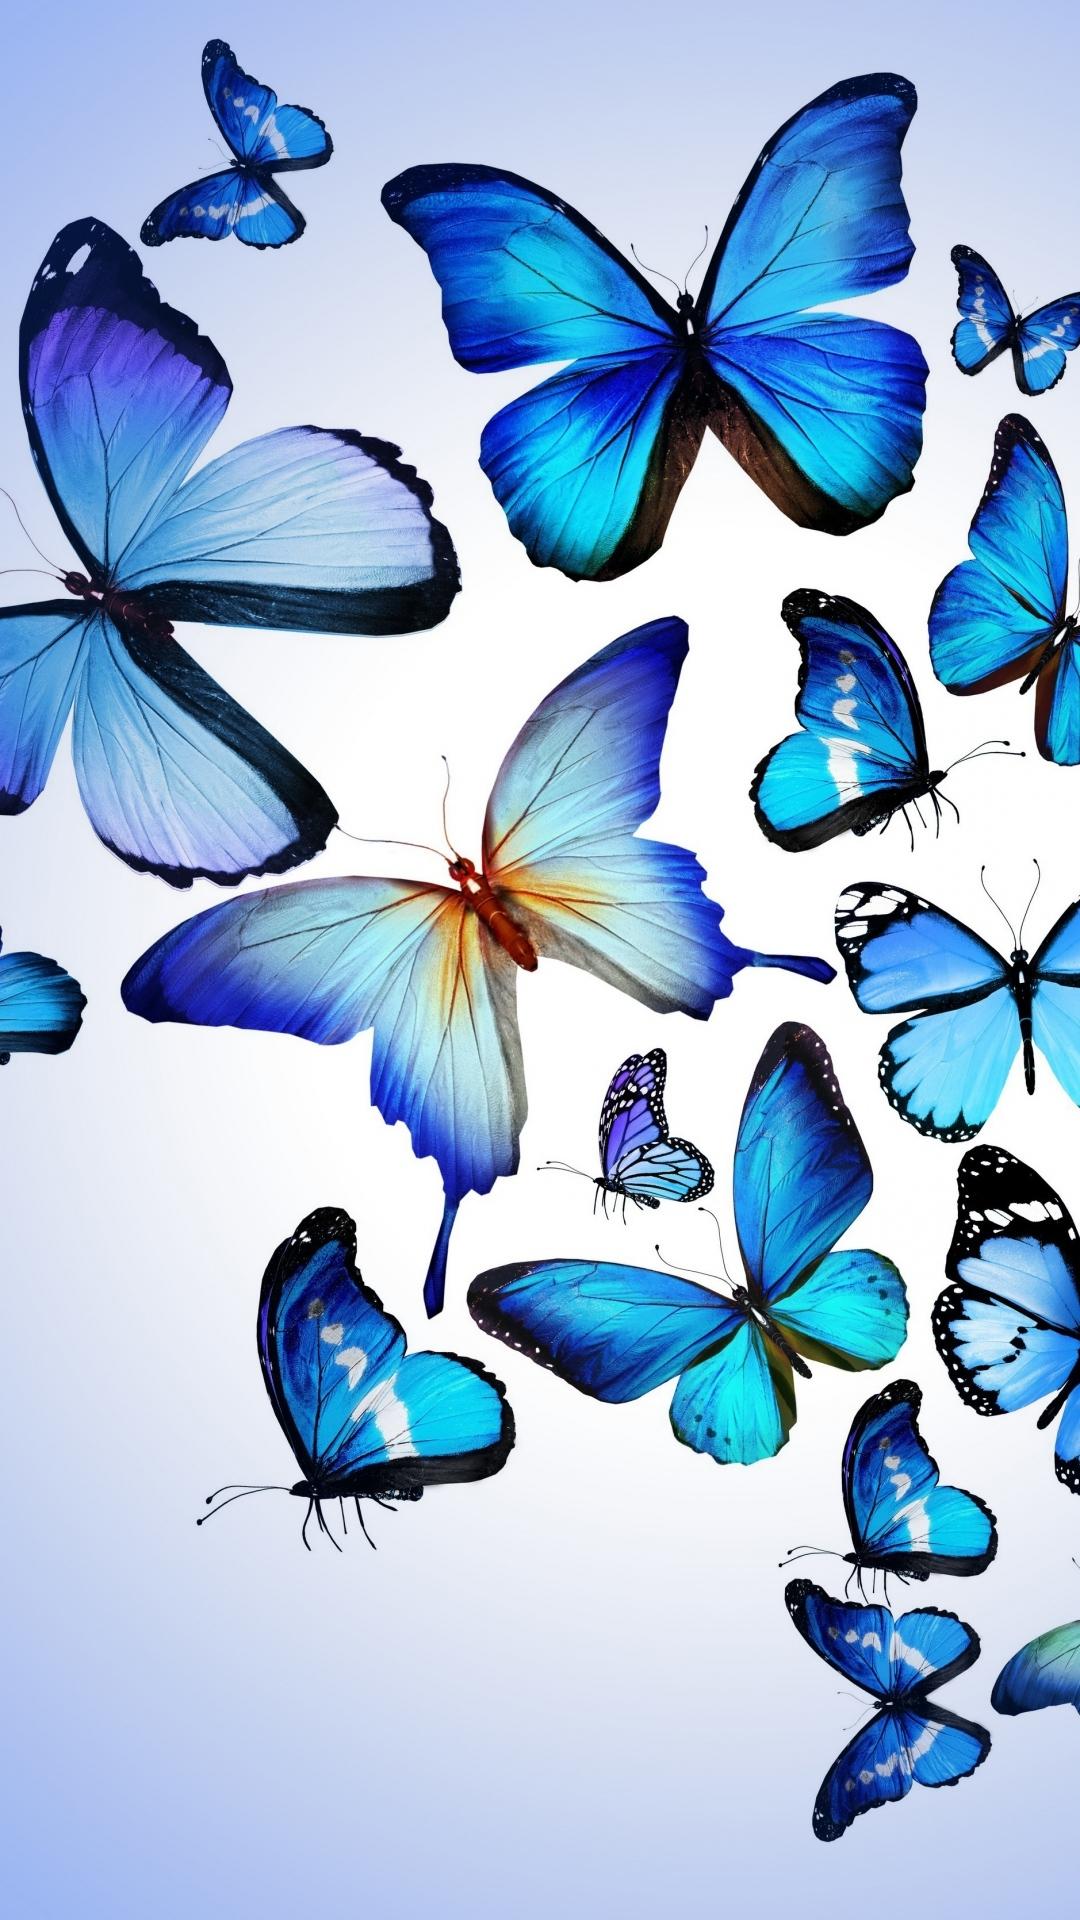 Hd Blue Butterflies Iphone Wallpaper Resolution Blue Butterfly Iphone 11 Case 1080x1920 Download Hd Wallpaper Wallpapertip